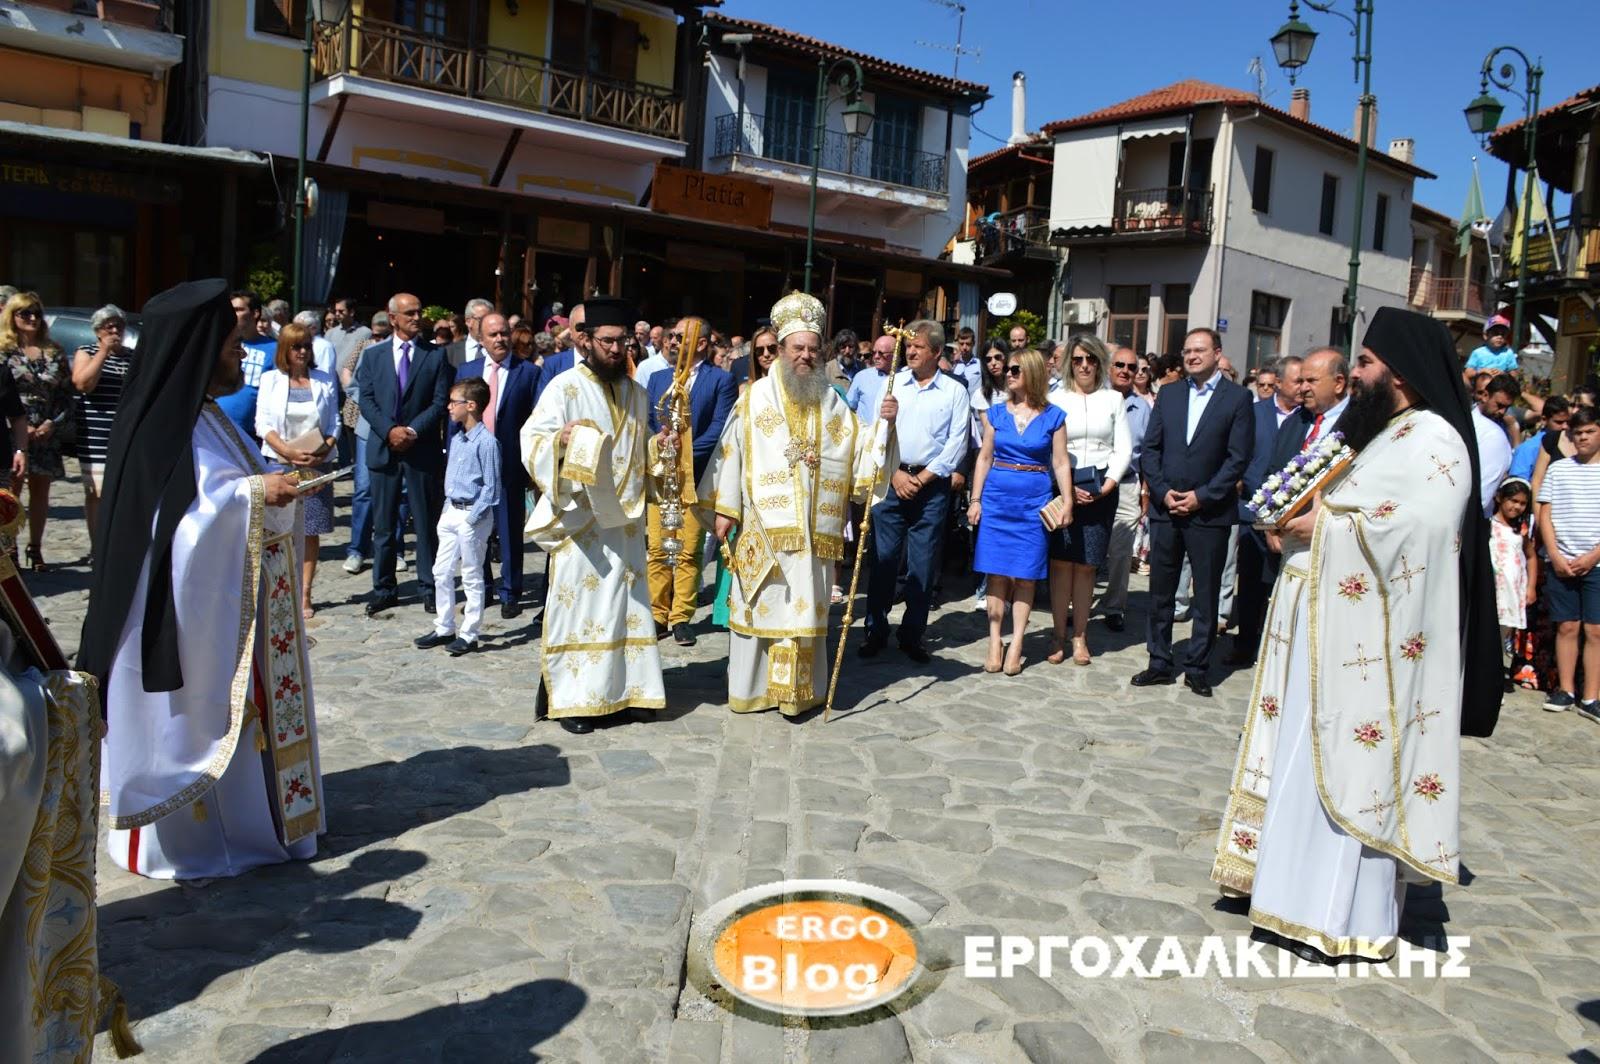 Λαμπρός εορτασμός των Αγίων Αναργύρων στην Αρναία (φωτο βιντεο)